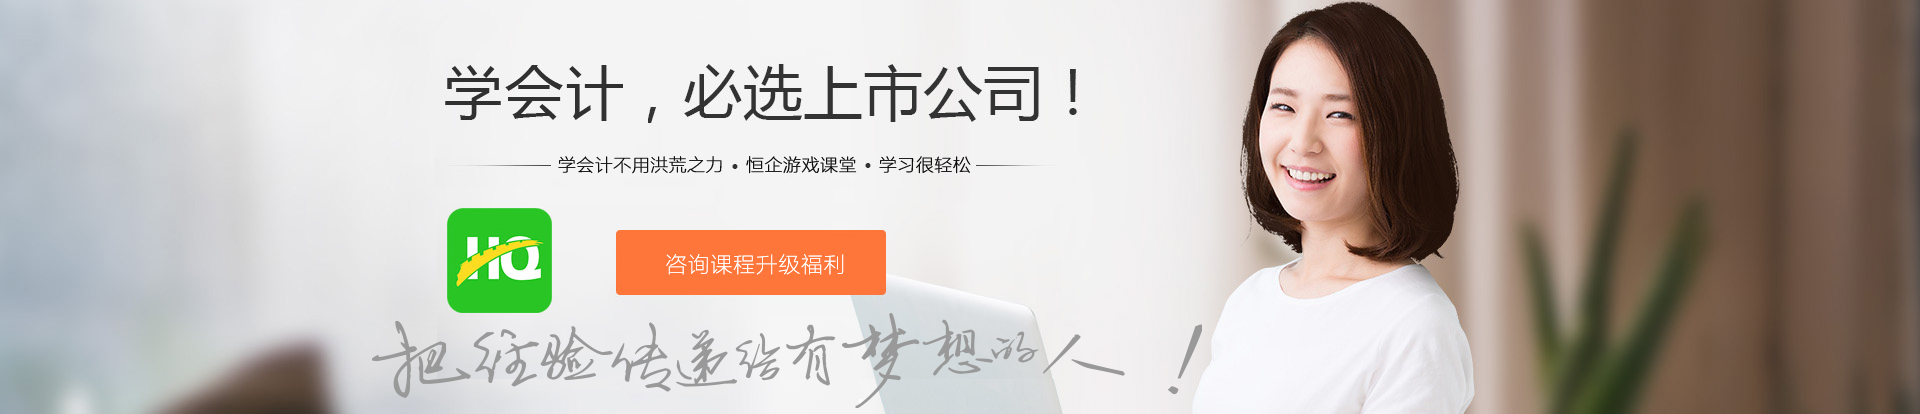 遵义恒企会计合乐彩票app学校 横幅广告